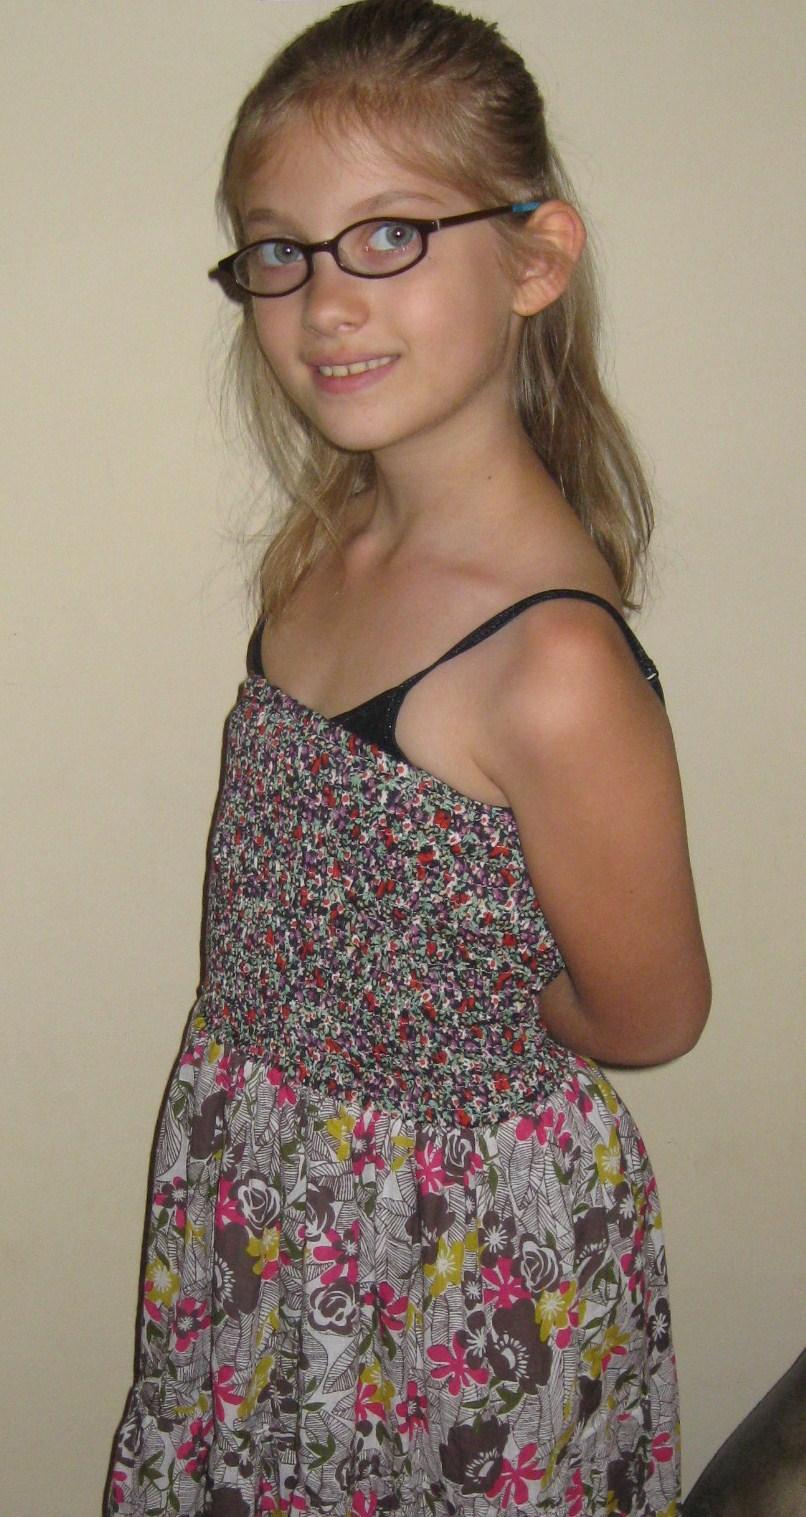 Zoya, 9 years old